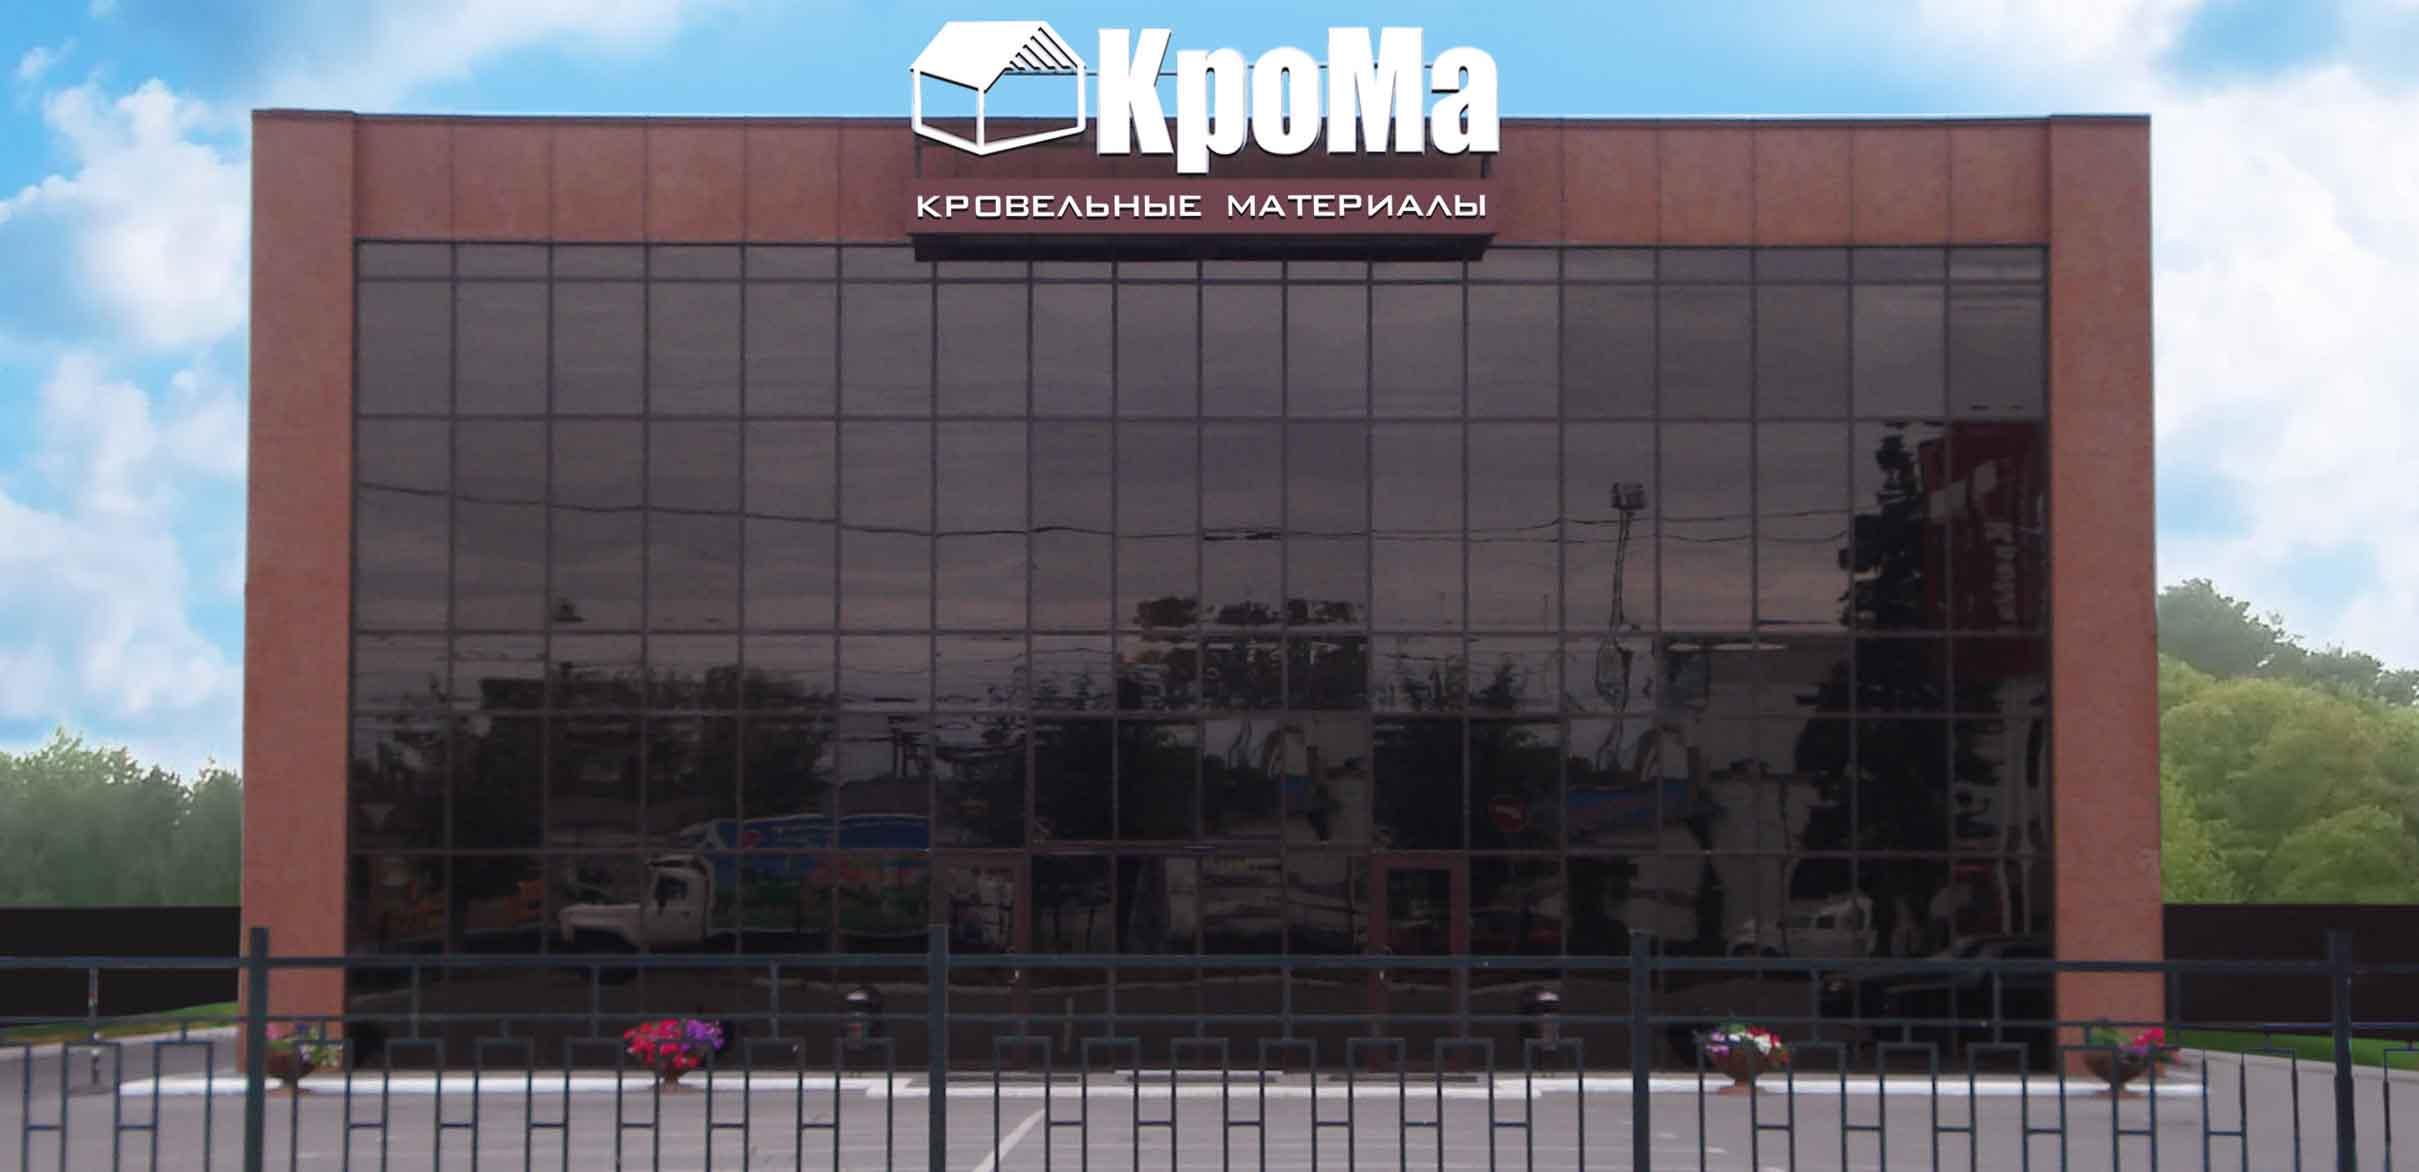 Компания ПКФ КроМа г. Пенза